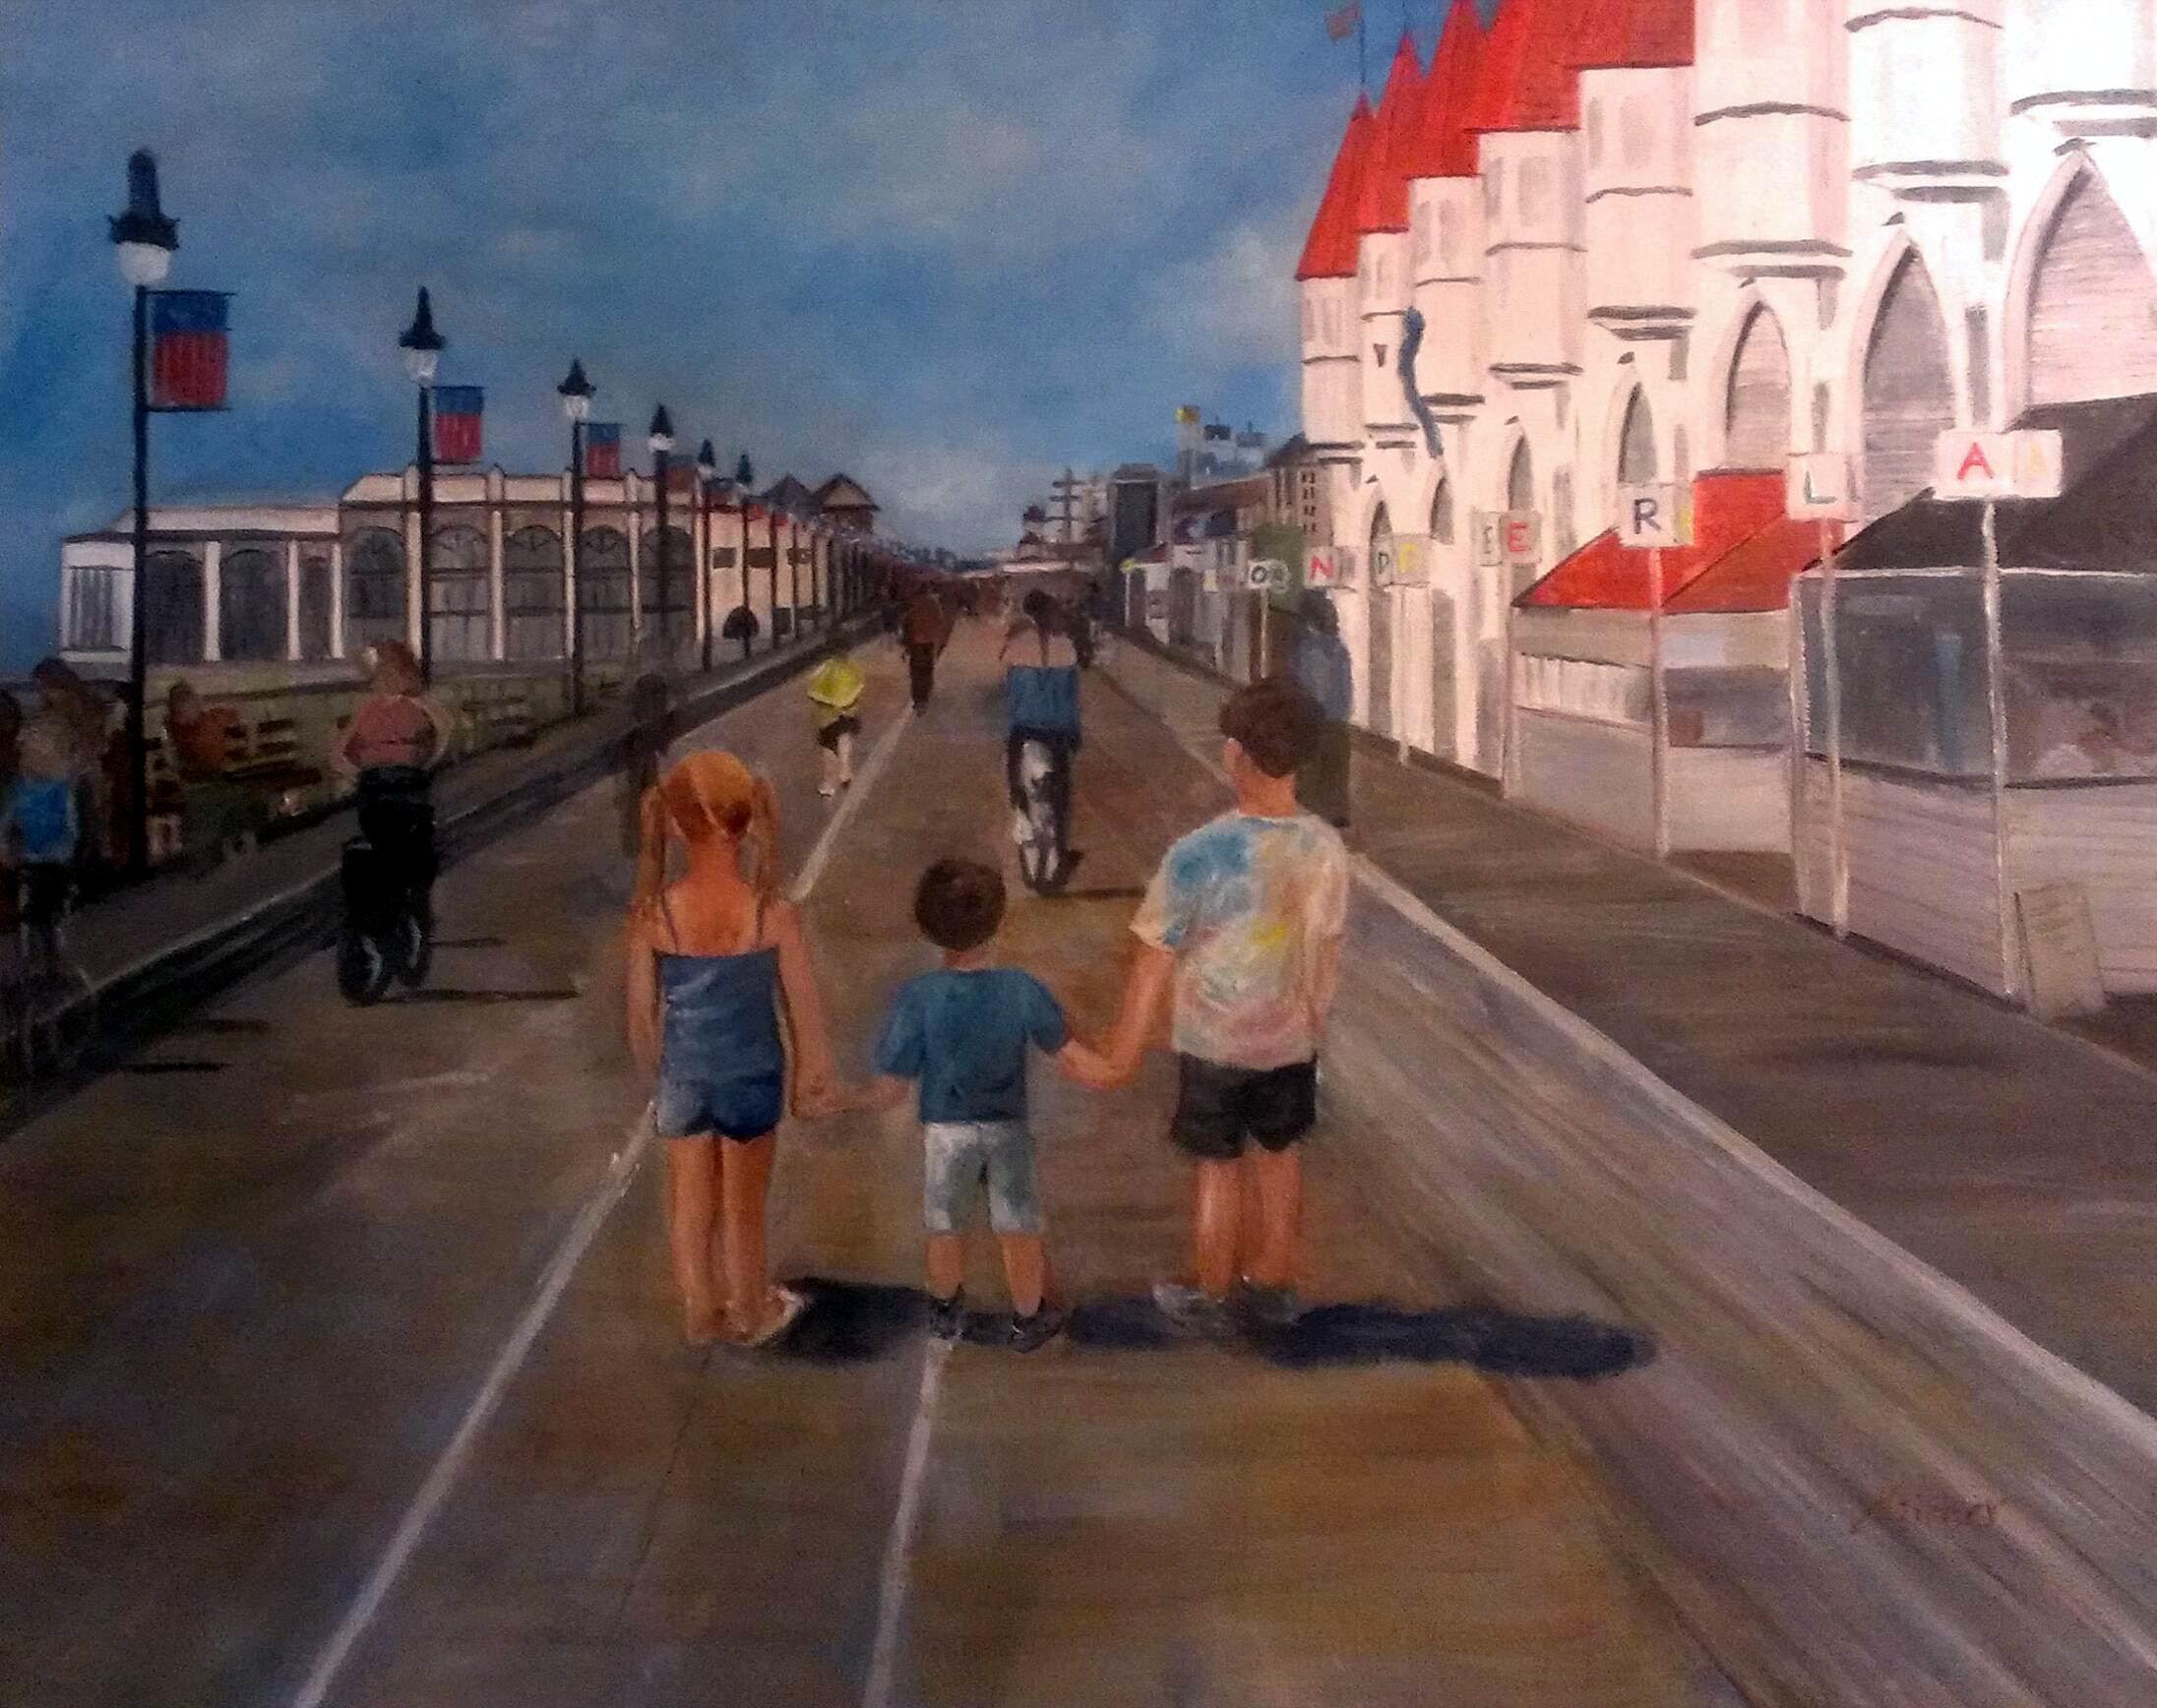 New Jersey Boardwalk - 24x36